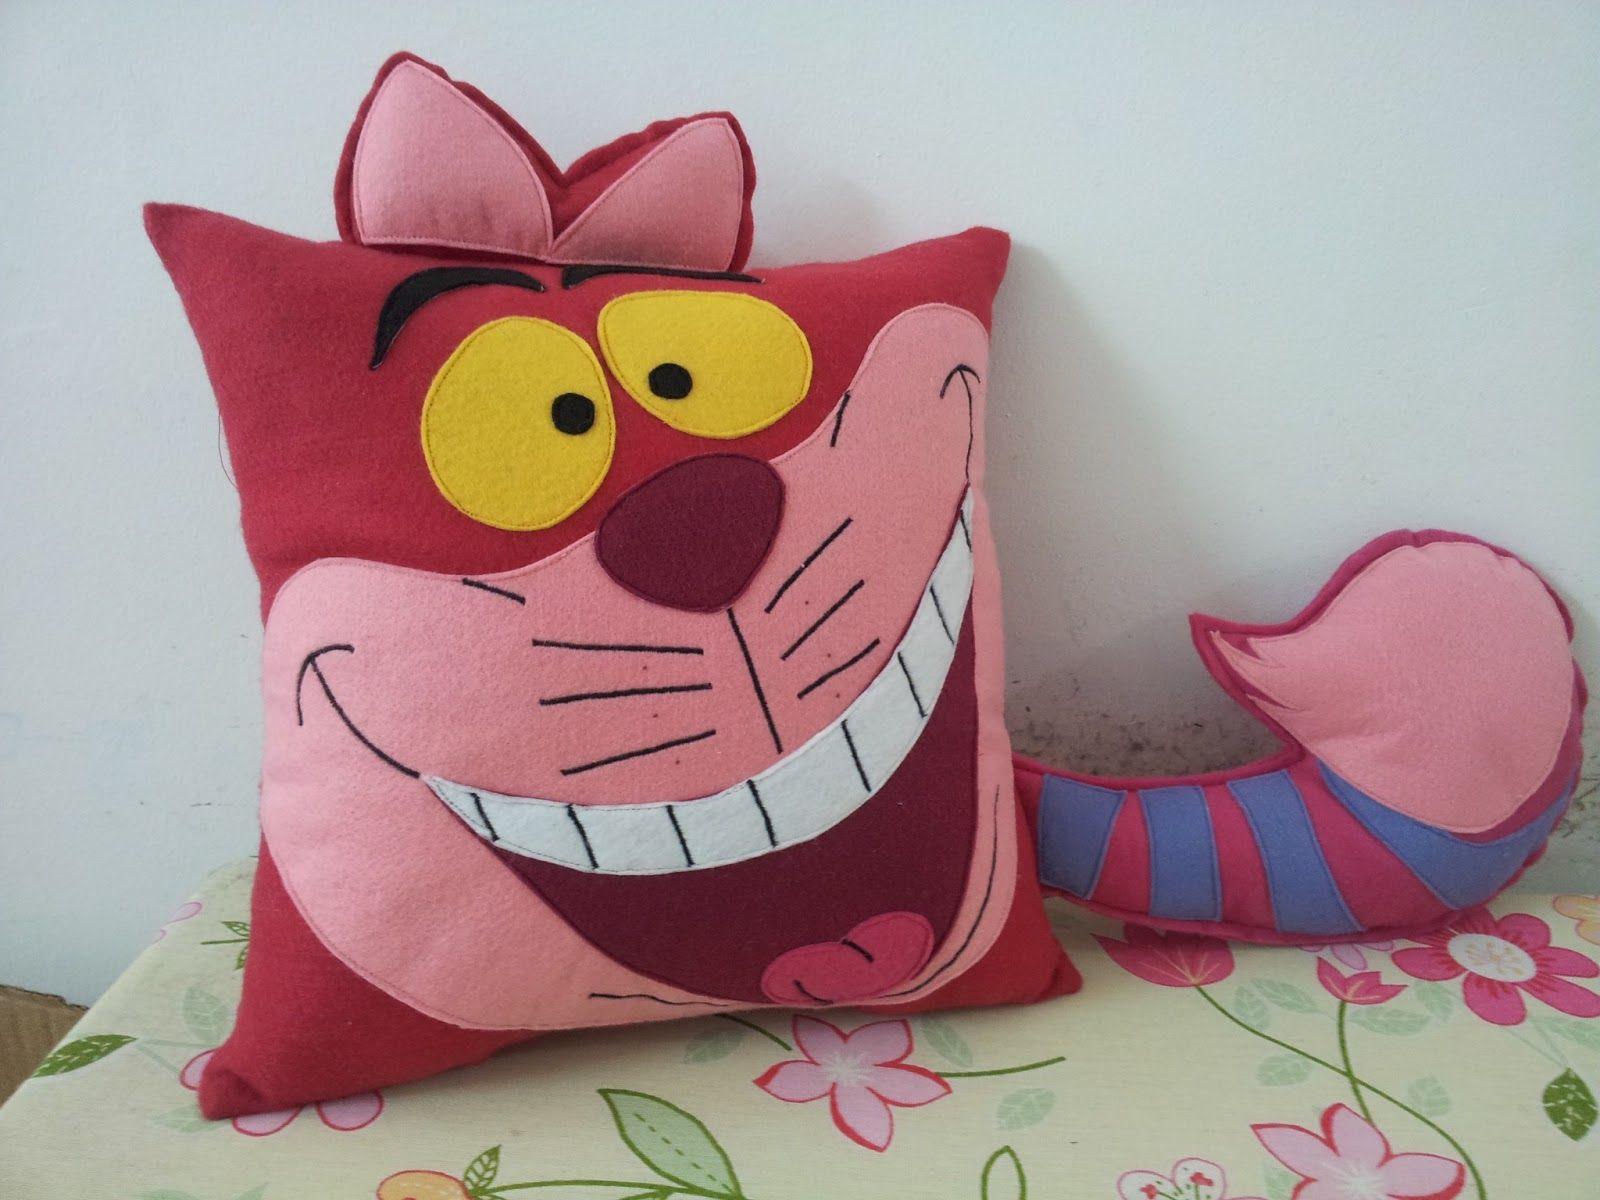 Almofada Do Cheshire Cat Versao Disney Da Alice No Pais Das